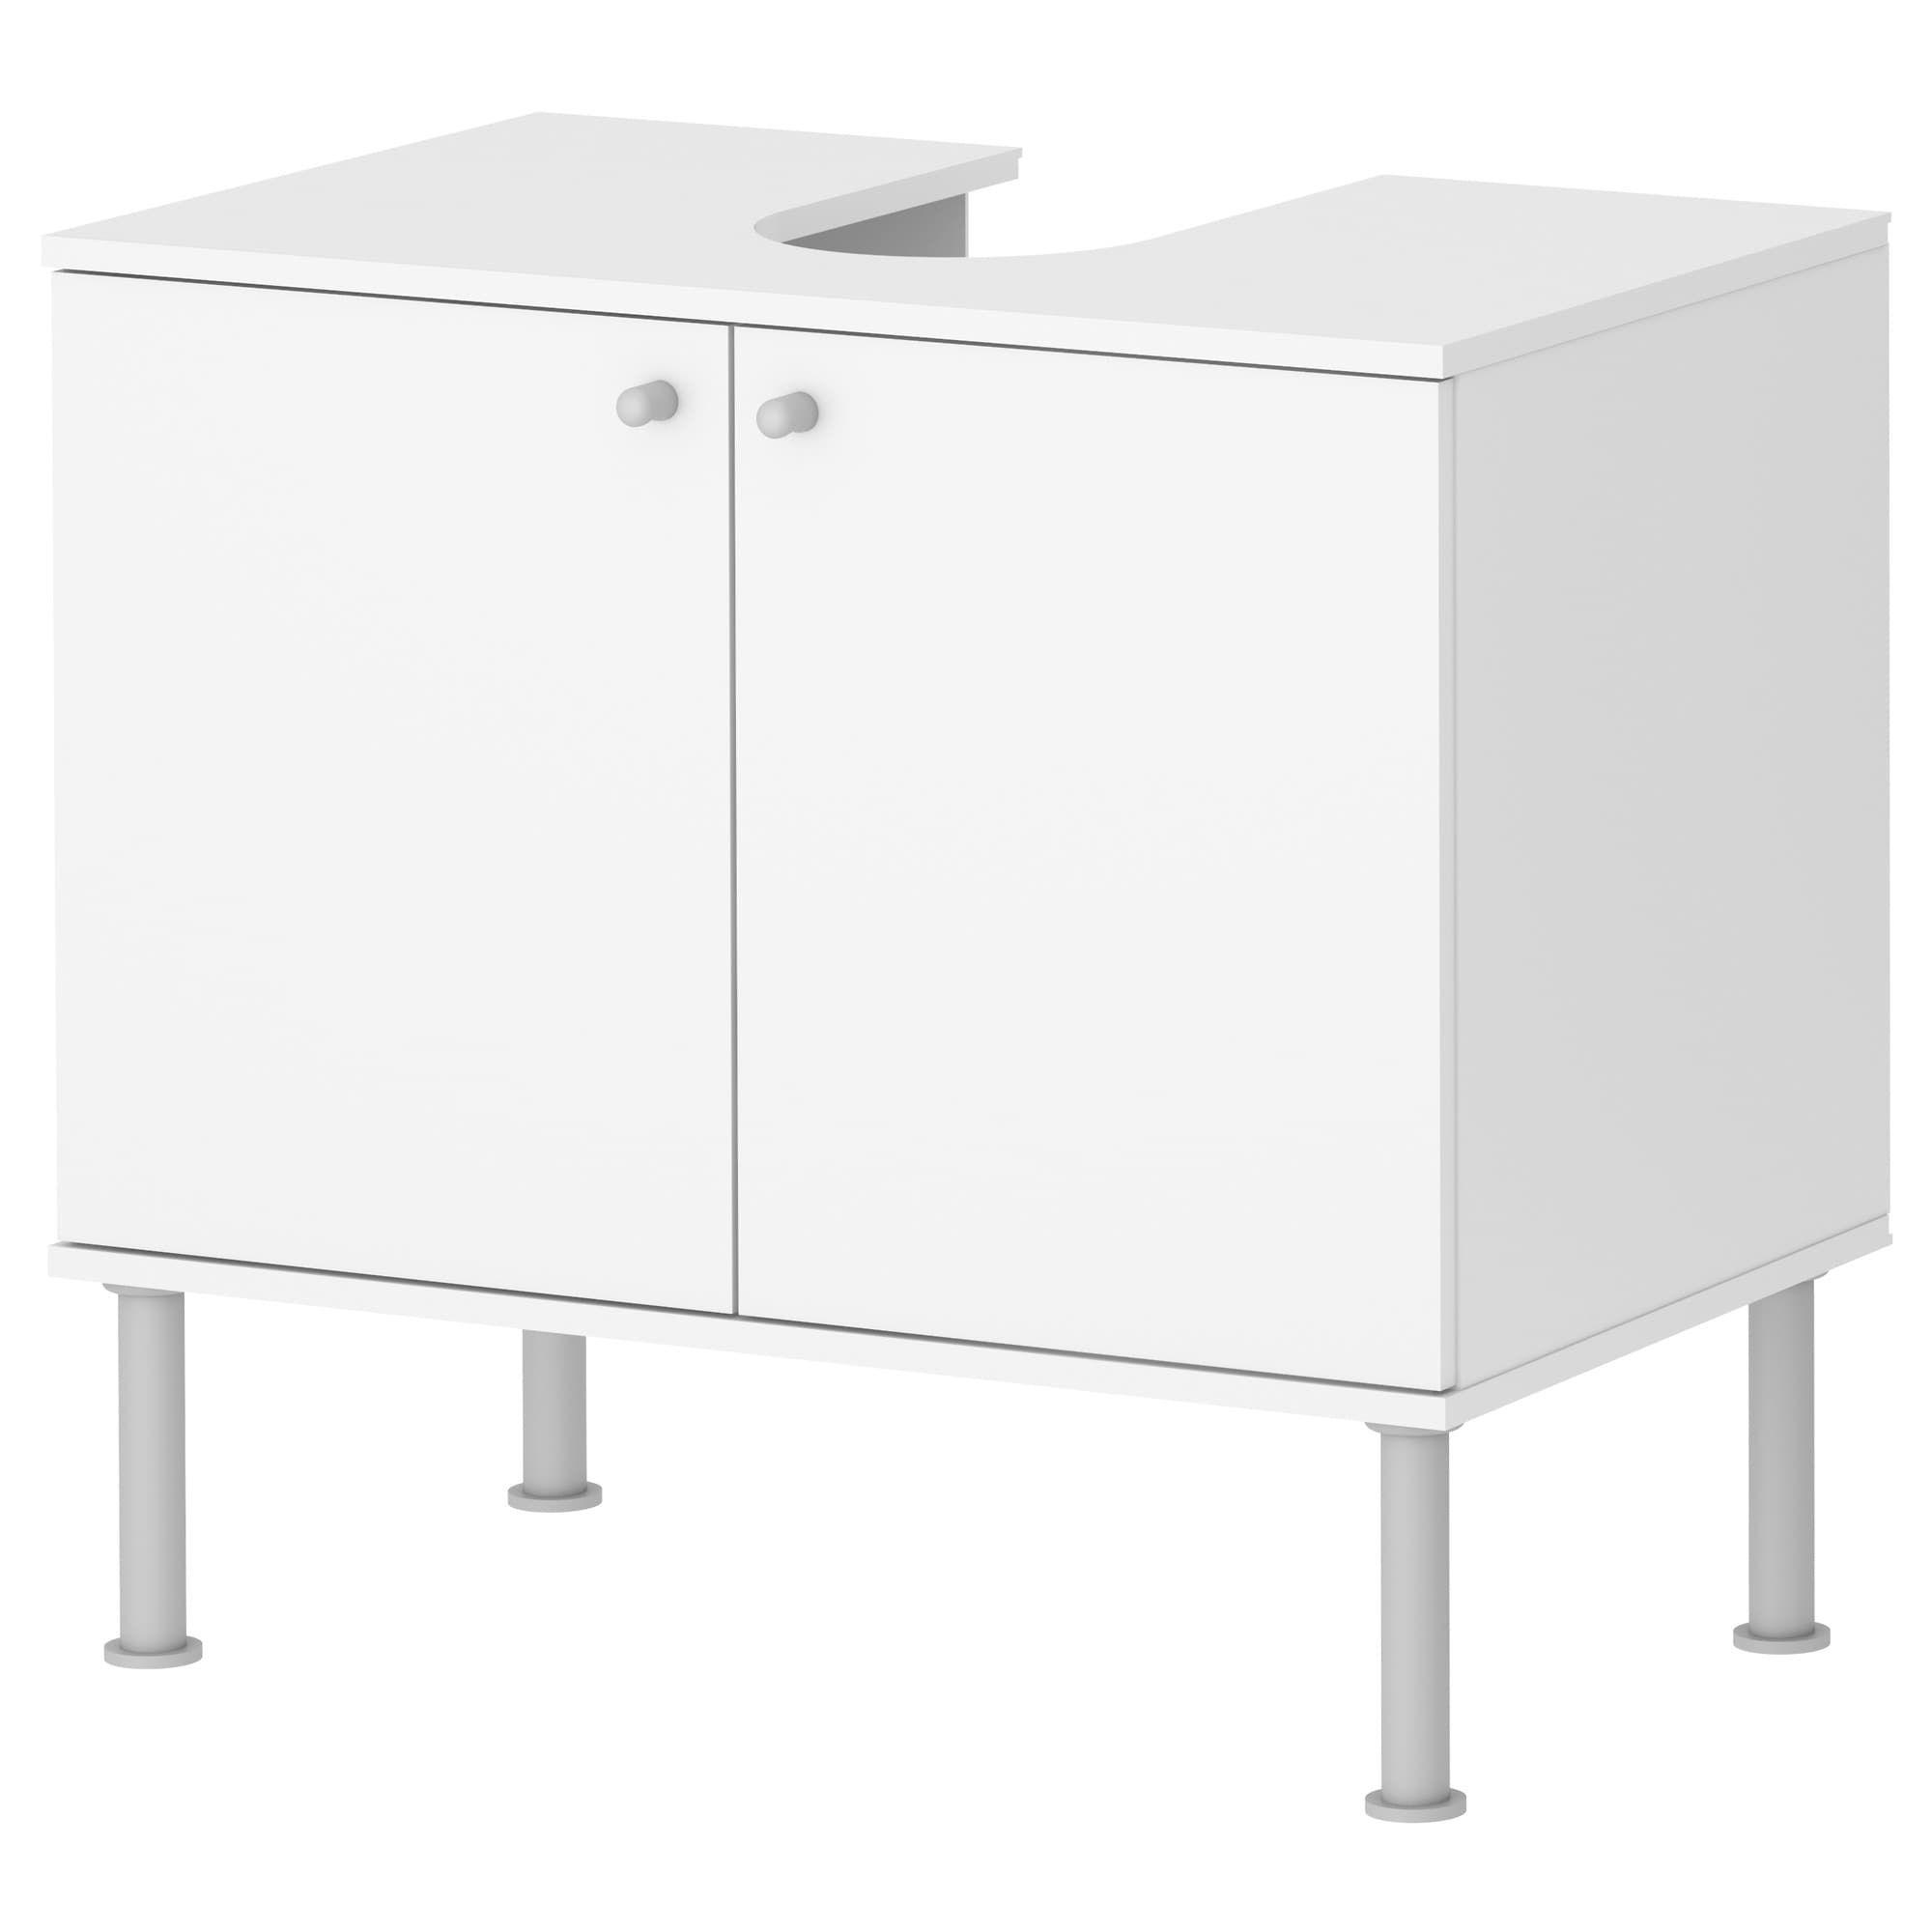 Fullen Waschbeckenunterschrank 2 Turen Weiss Ikea Deutschland Waschbeckenunterschrank Ikea Bad Lagerung Und Ikea Regal